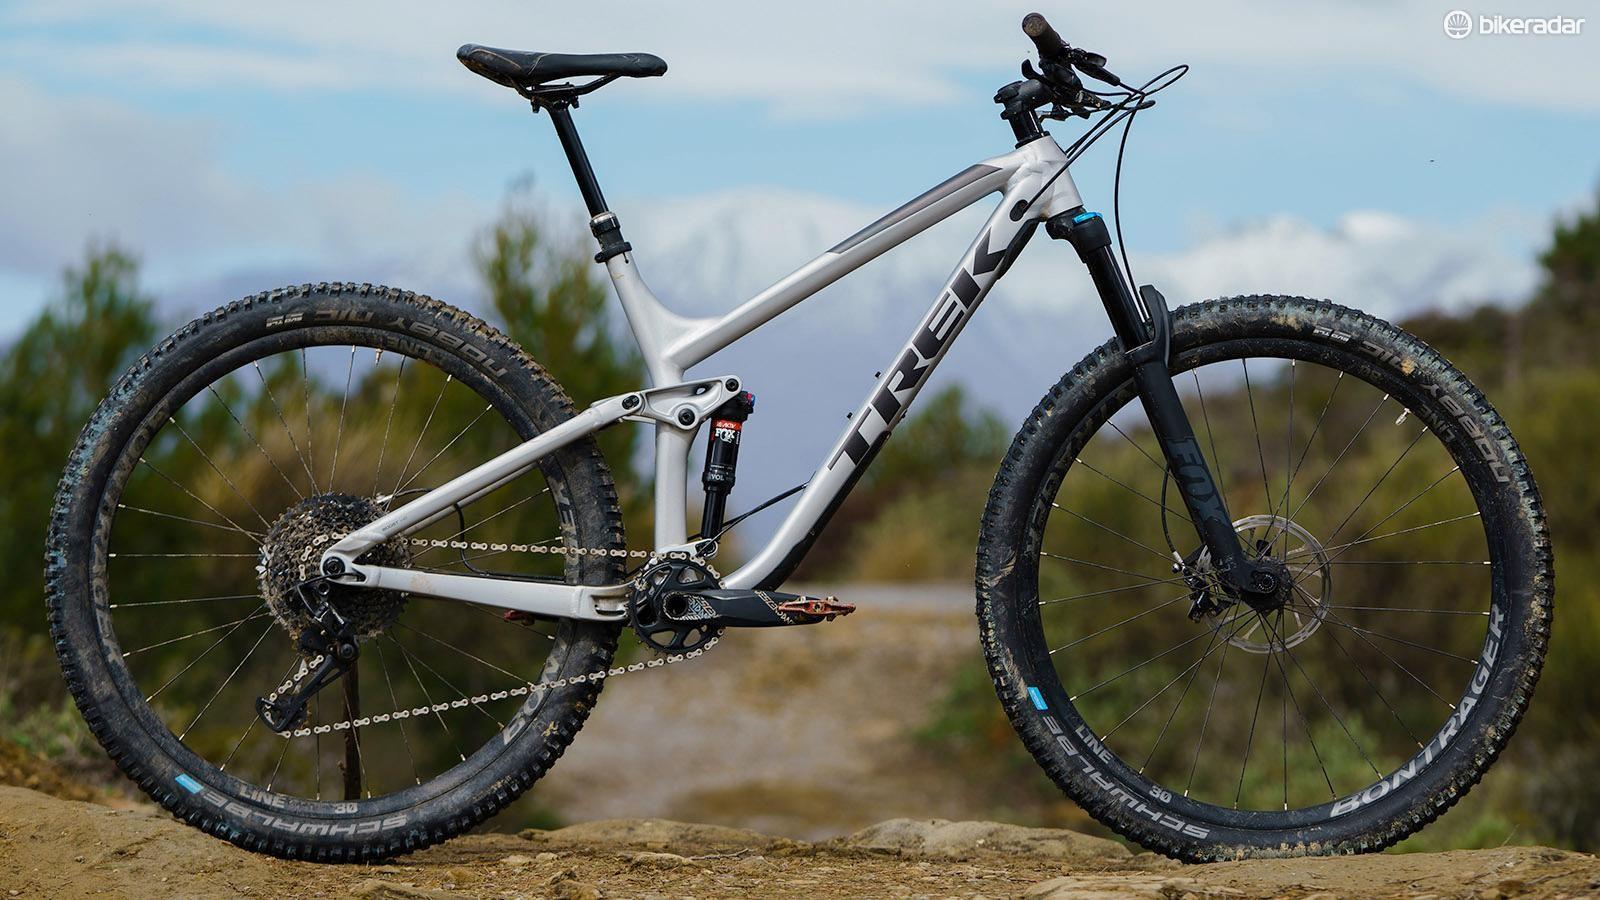 The Trek Fuel EX 8 29 is a rip-roaring trail bike